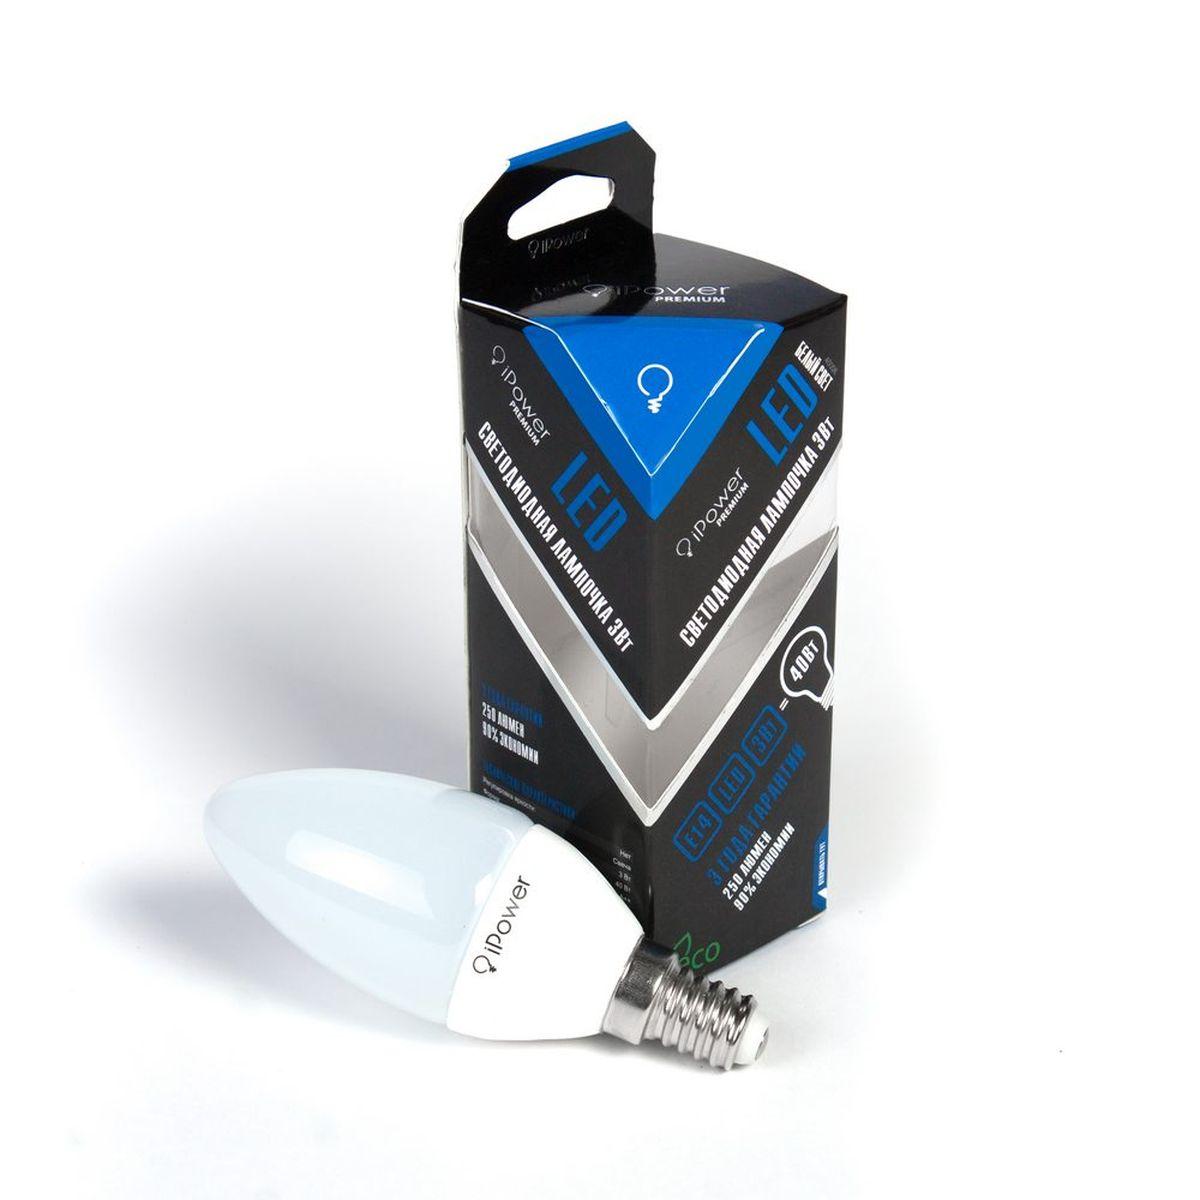 Лампа светодиодная iPower Premium, цоколь Е14, 3W, 4000КC0042415Светодиодная лампа iPower Premium имеет очень низкое энергопотребление. В сравнении с лампами накаливания LED потребляет в 12 разменьше электричества, а в сравнении с энергосберегающими - в 2-4 раза меньше. При этом срок службы LED лампочки в 5 раз выше, чемэнергосберегающей, и в 50 раз выше, чем у лампы накаливания. Светодиодная лампа iPower Premium создает мягкий рассеивающий свет безмерцаний, что совершенно безопасно для глаз. Она специально разработана по требованиям российских и европейских законов и подходит ковсем осветительным устройствам, совместимым со стандартным цоколем E27. Использование светодиодов от мирового лидера Epistar - этозалог надежной и стабильной работы лампы. Нейтральный белый оттенок свечения идеально подойдет для освещения, как офисов,образовательных и медицинских учреждений, так и кухни, гостиной.Диапазон рабочих температур: от -50°C до +50°С.Материал: алюминий, поликарбонат.Потребляемая мощность: 3 Вт.Рабочее напряжение: 220В.Световая температура: 4000К (белый свет).Срок службы: 50000 часов.Форма: свеча.Цоколь: миньон (E14).Эквивалент мощности лампы накаливания: 40 Вт.Яркость свечения: 250 Лм.